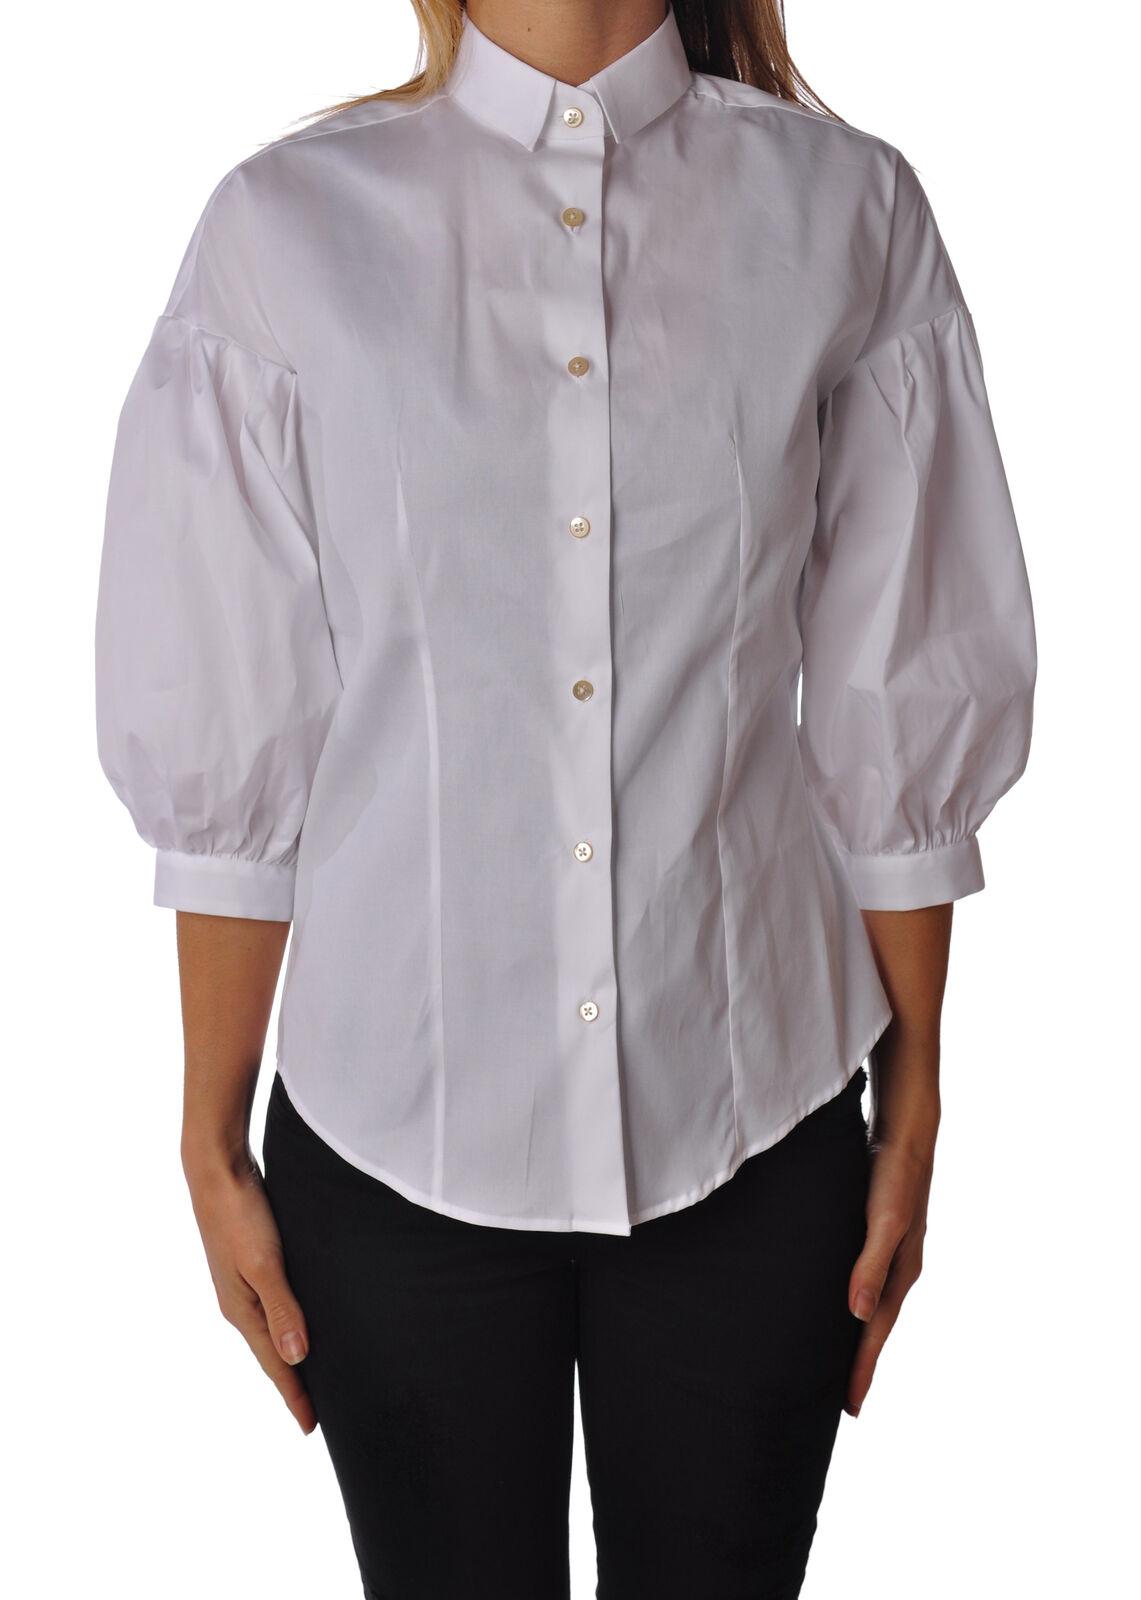 Xacus  -  Hemden - Weiblich - Weiß - 3333319A185336